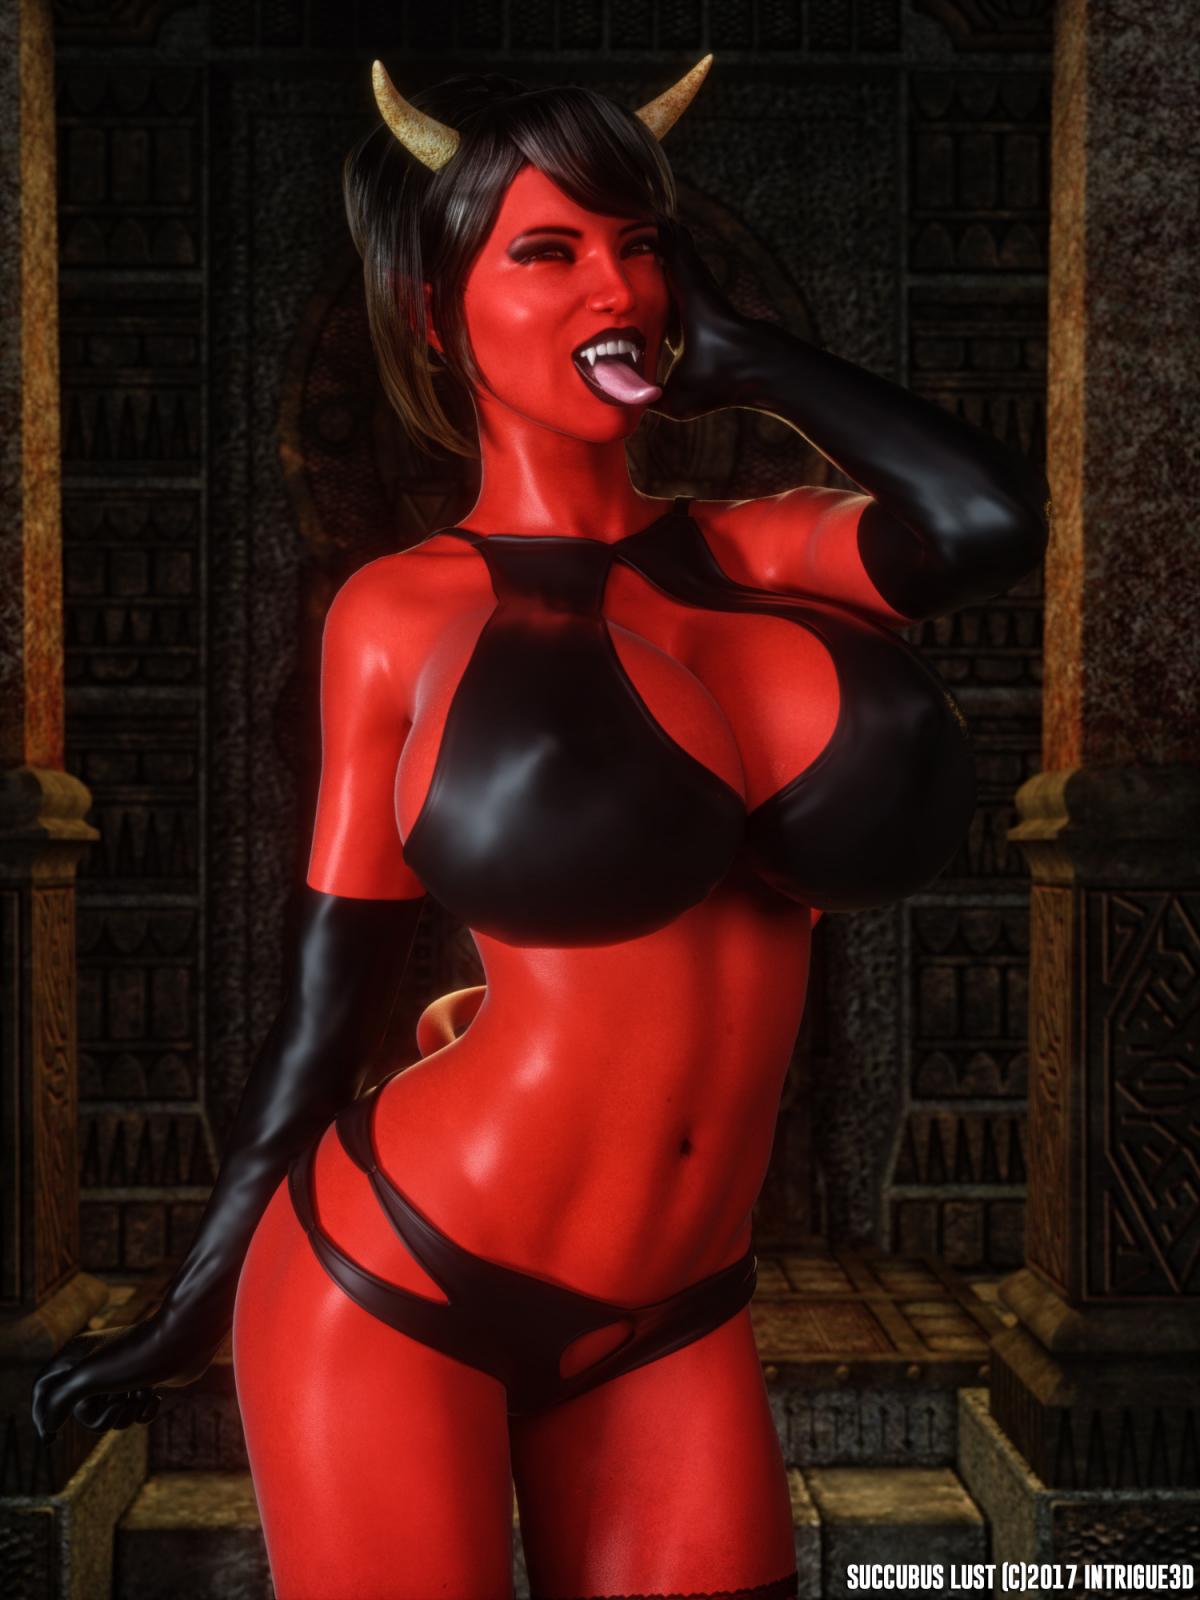 Hình ảnh 25797324987_5478c5c1c6_o trong bài viết Succubus Lust